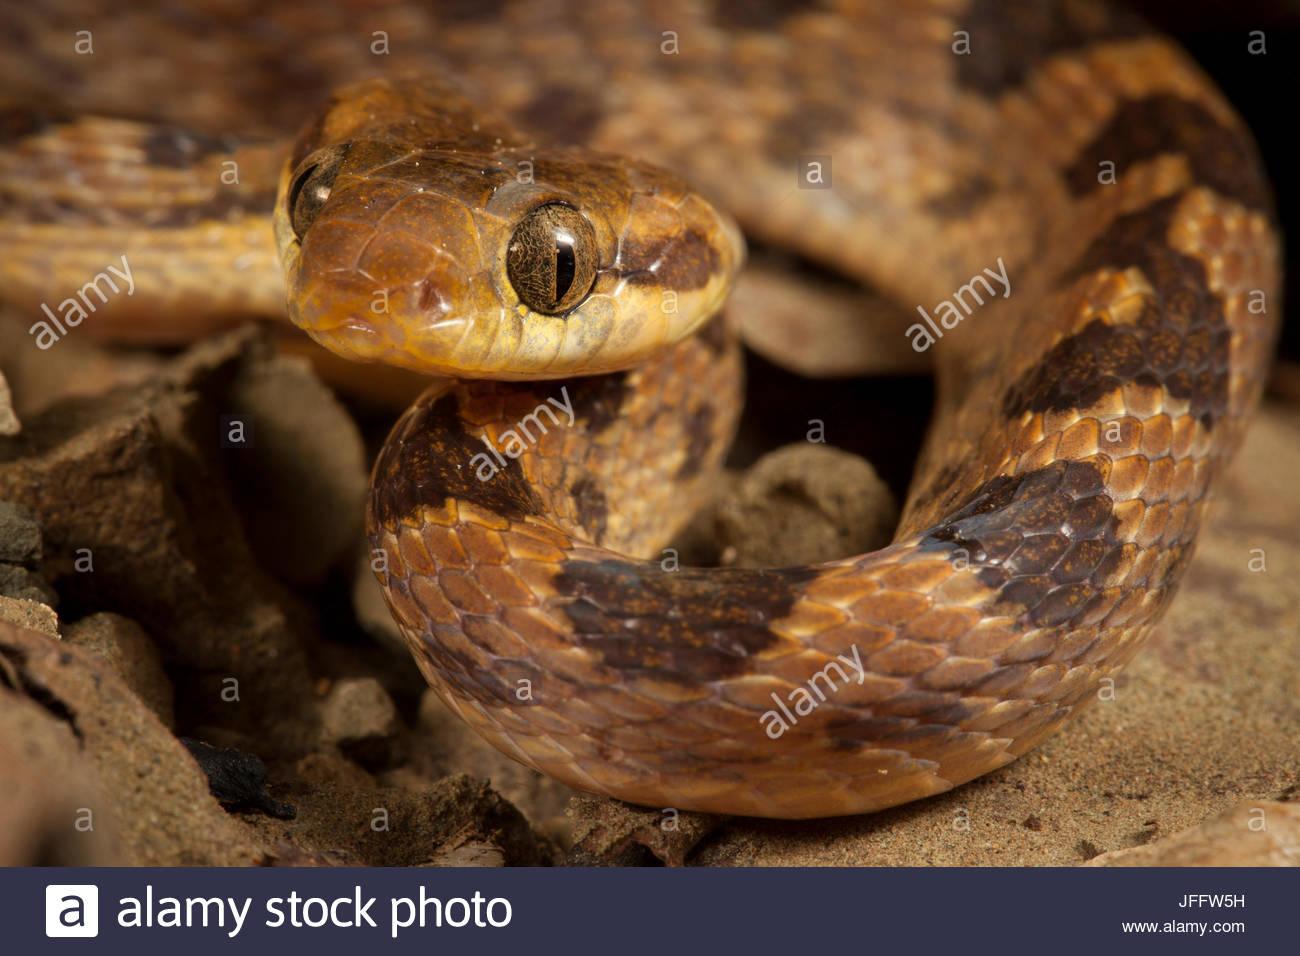 Close up ritratto di un gatto settentrionale-eyed snake, Leptodeira septentrionalis. Immagini Stock